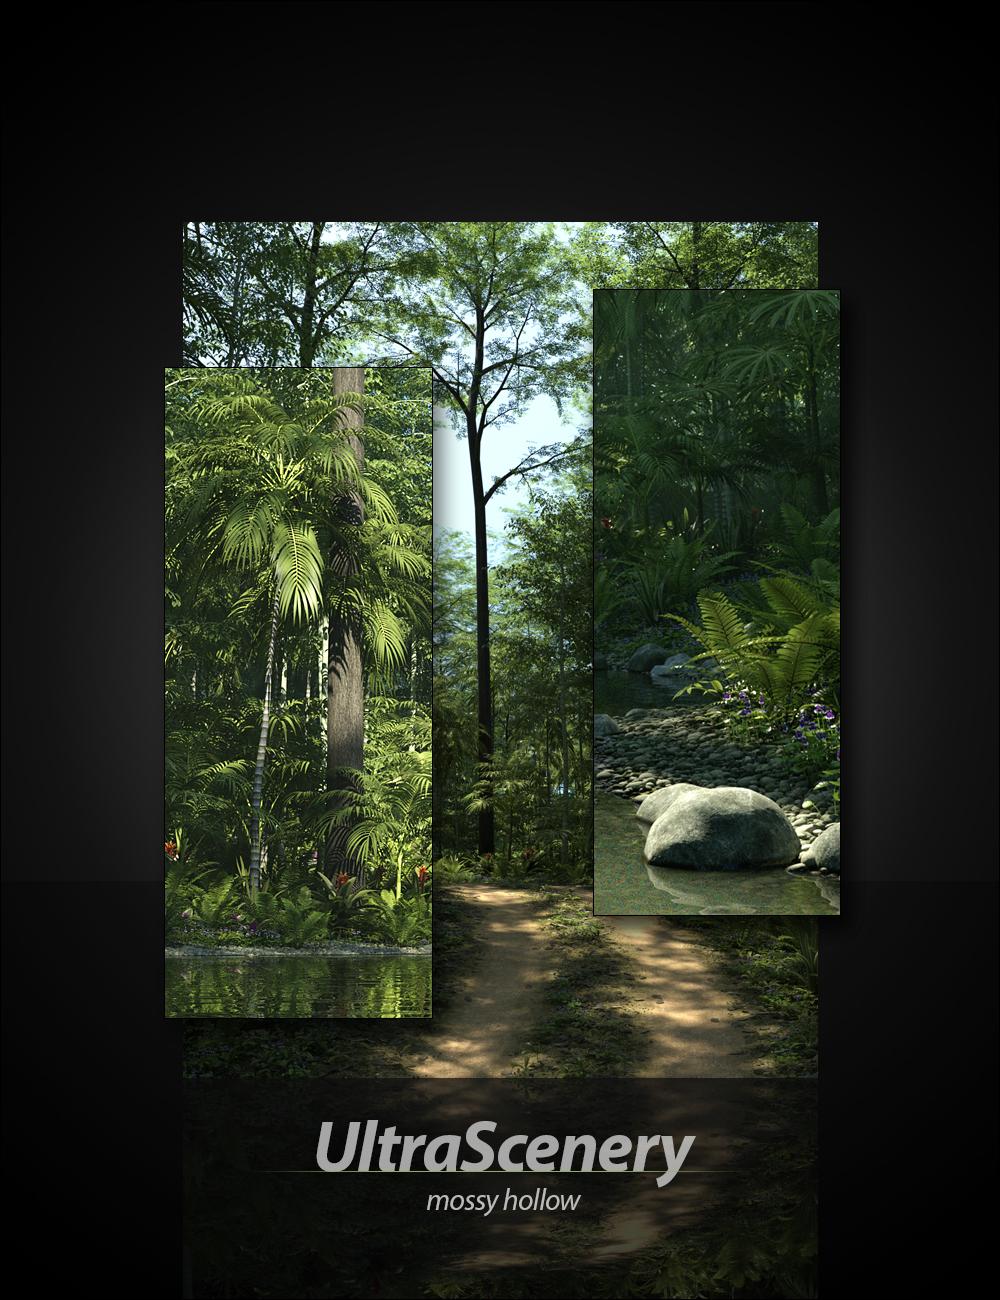 UltraScenery - Mossy Hollow by: HowieFarkes, 3D Models by Daz 3D